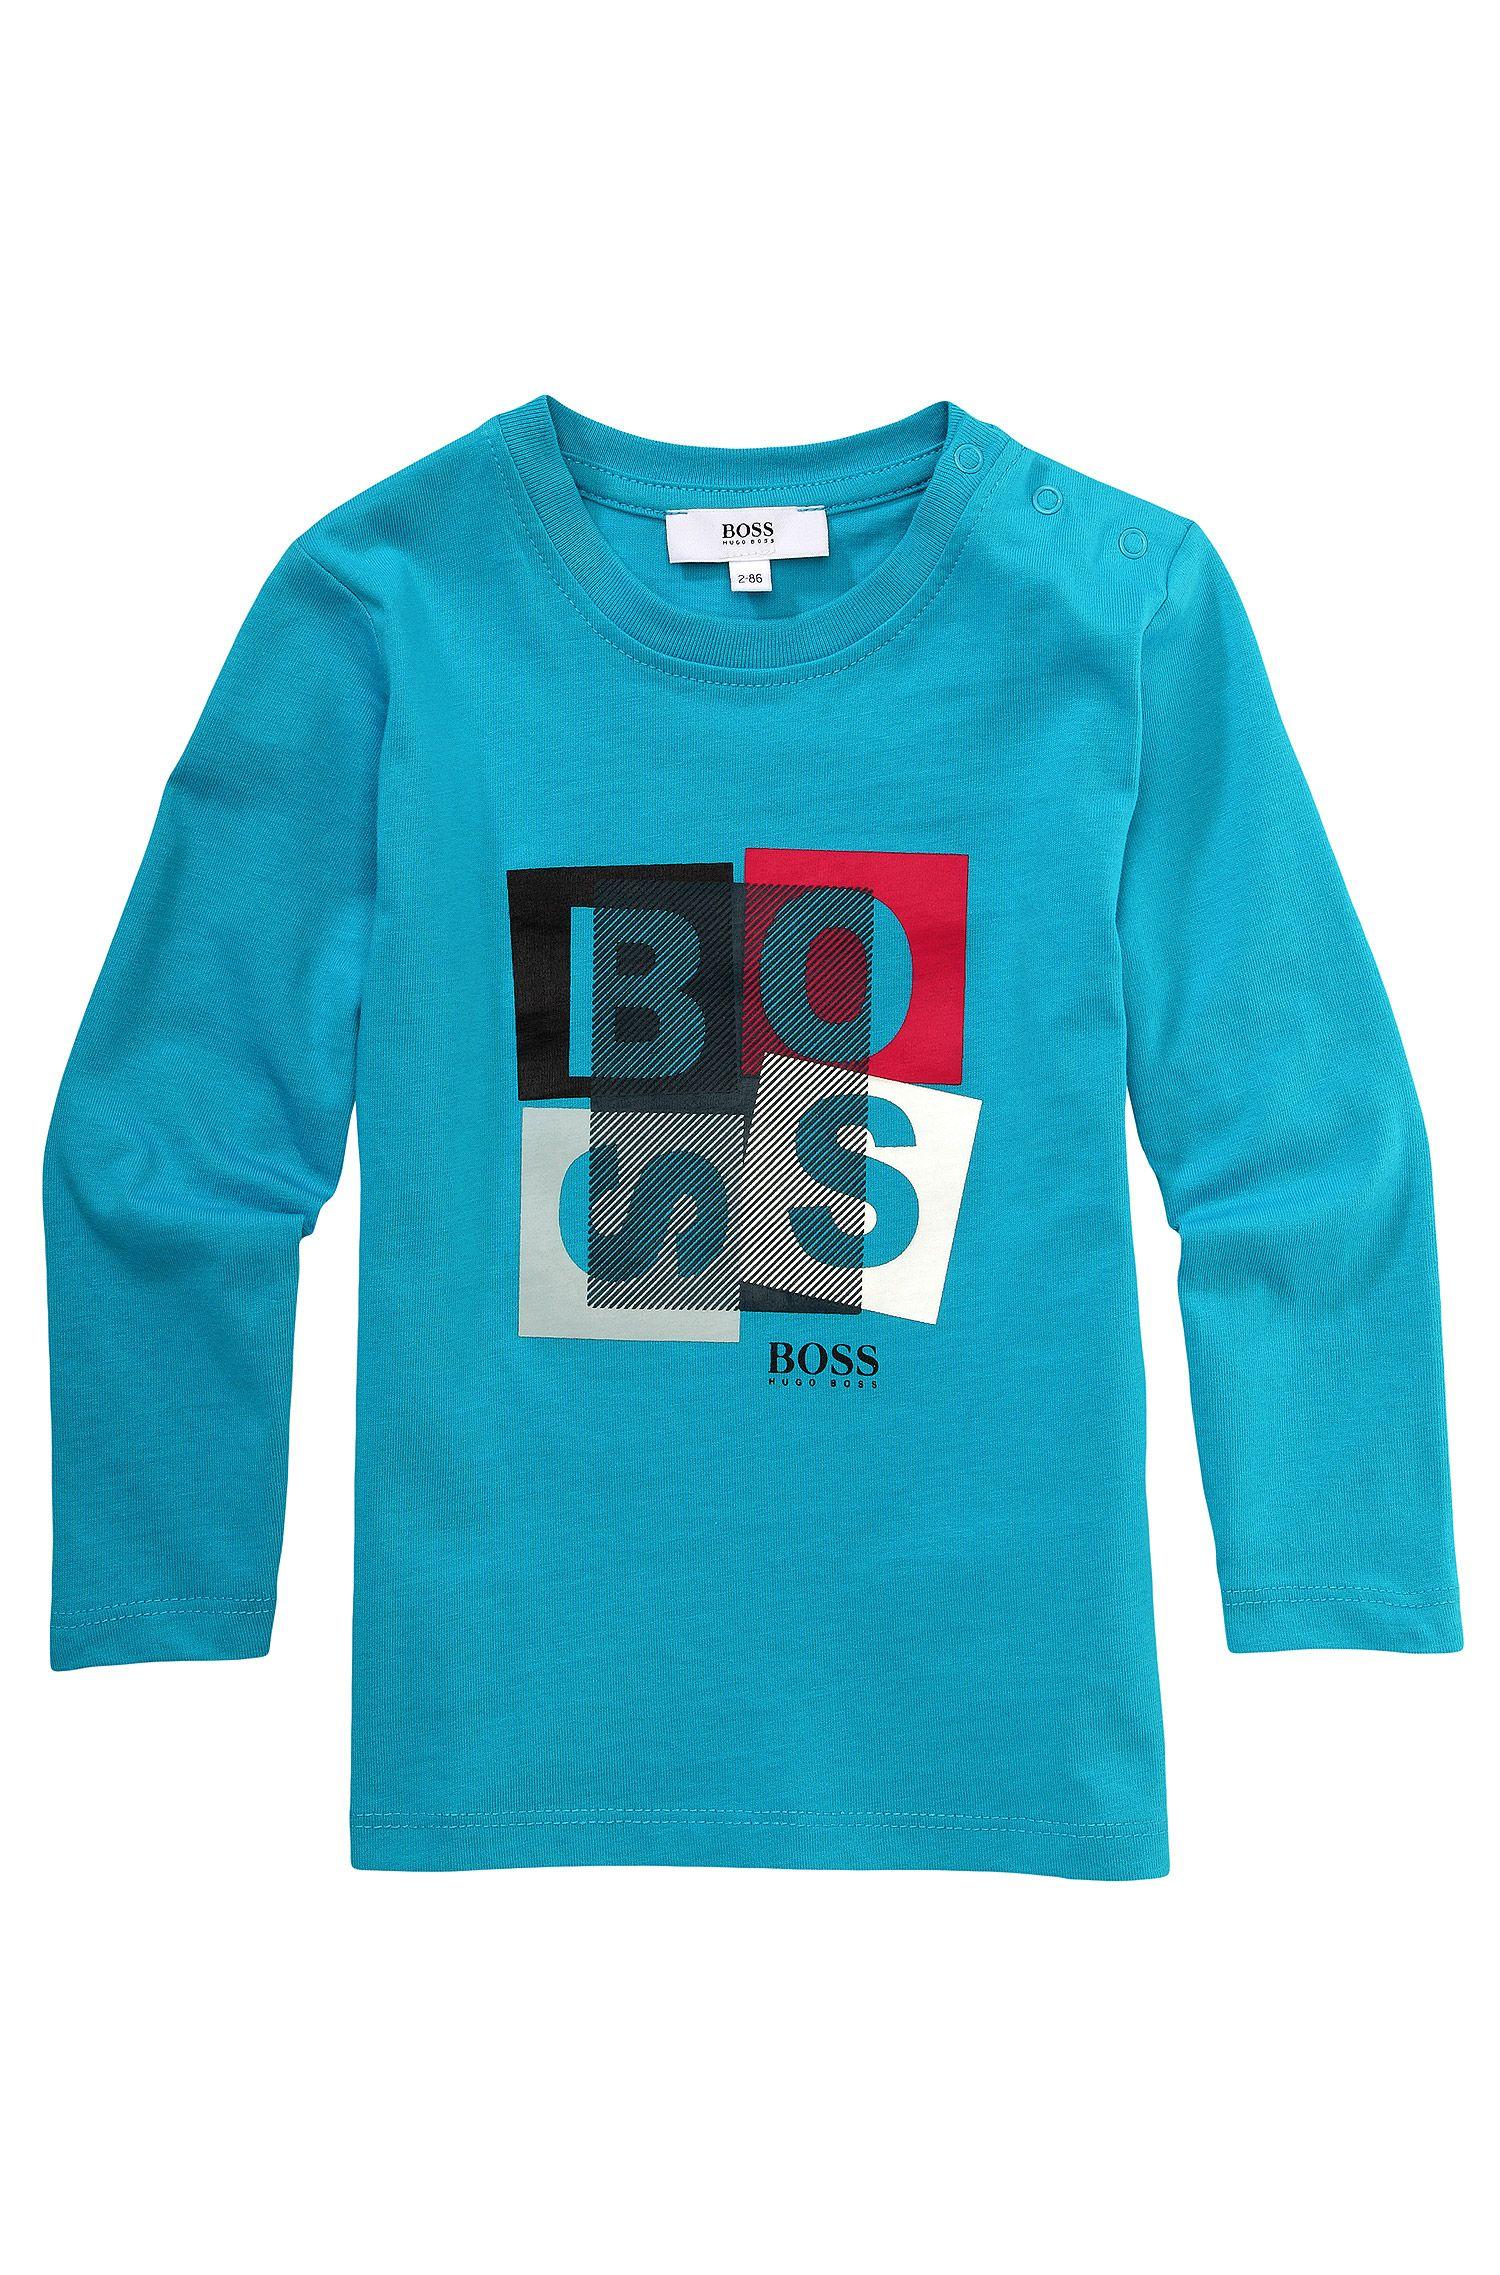 T-shirt à manches longues pour enfant «J05315» en coton